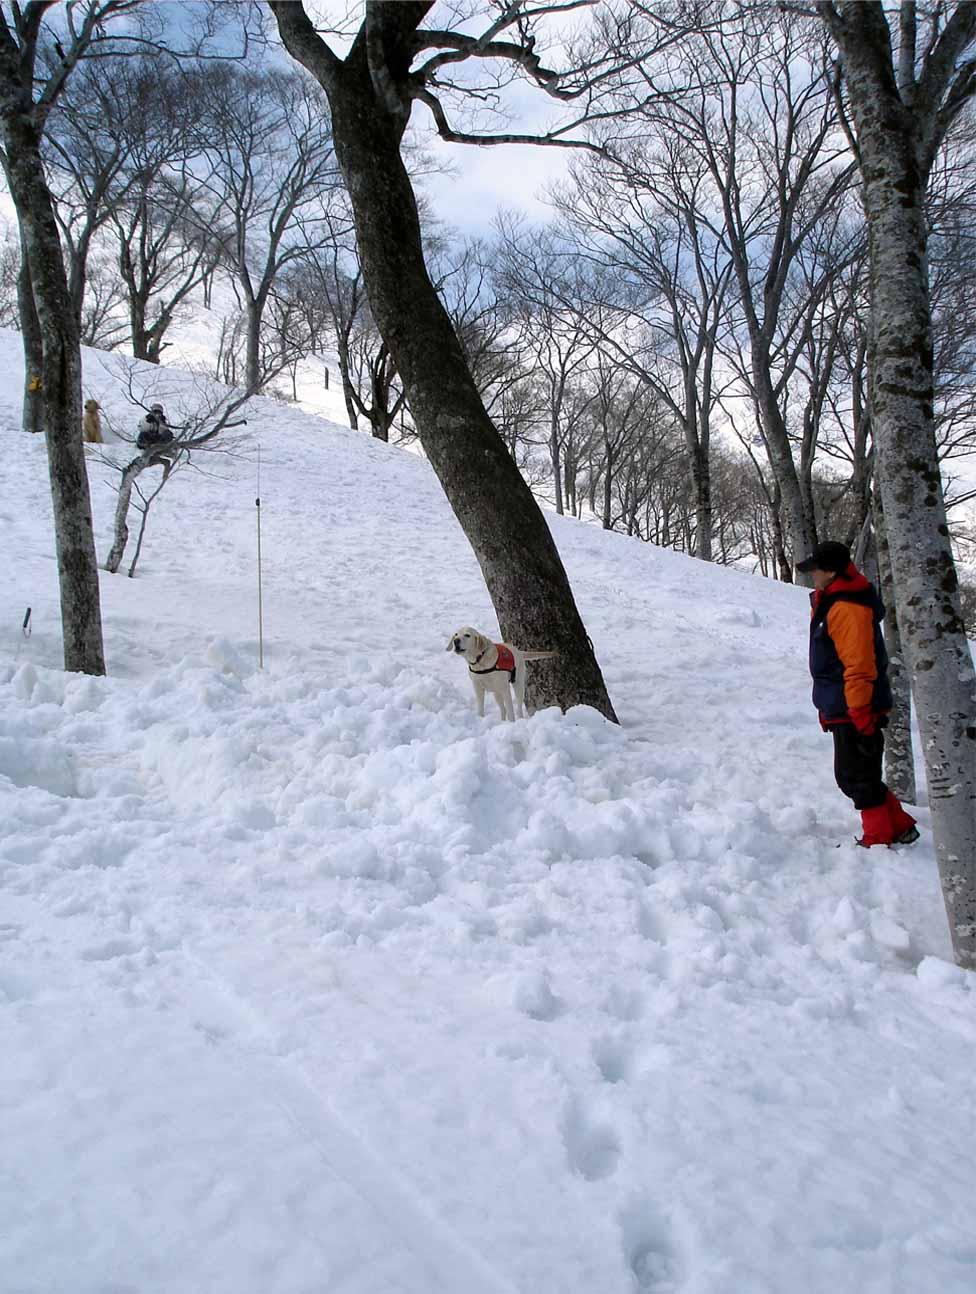 雪中訓練Ⅱ(30) LTK捜索